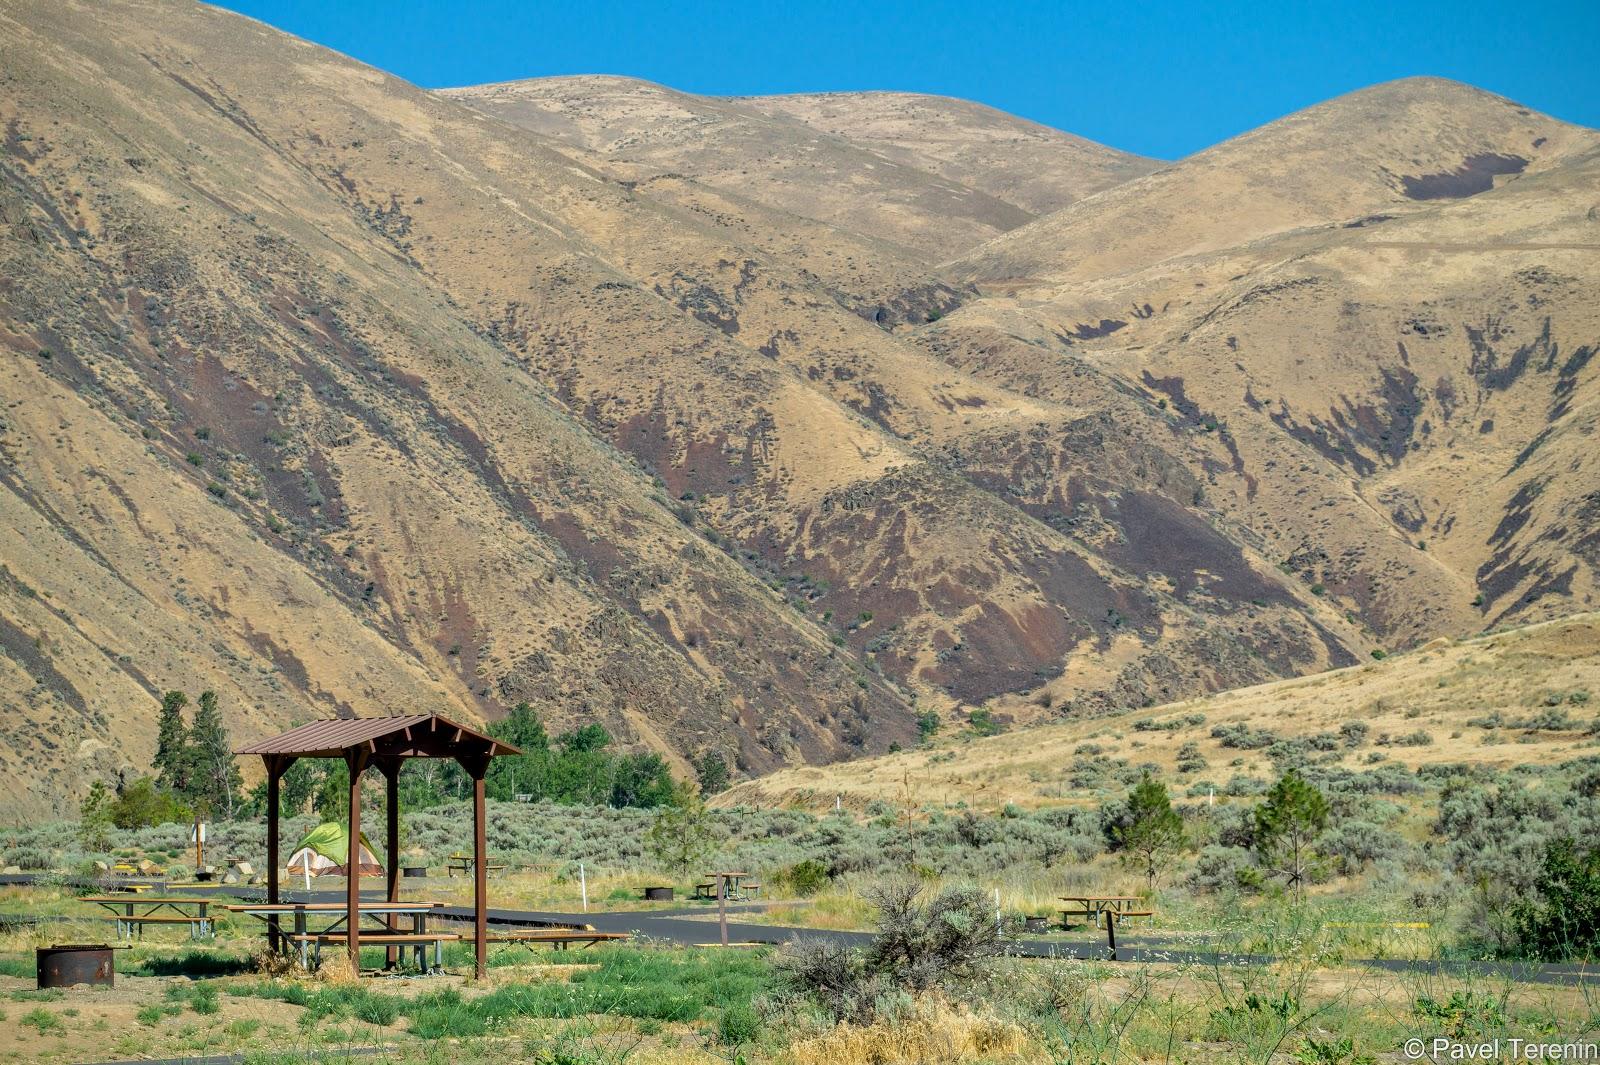 На берегу реки расположена одна из зон отдыха, где можно полюбоваться живописными холмами каньона.